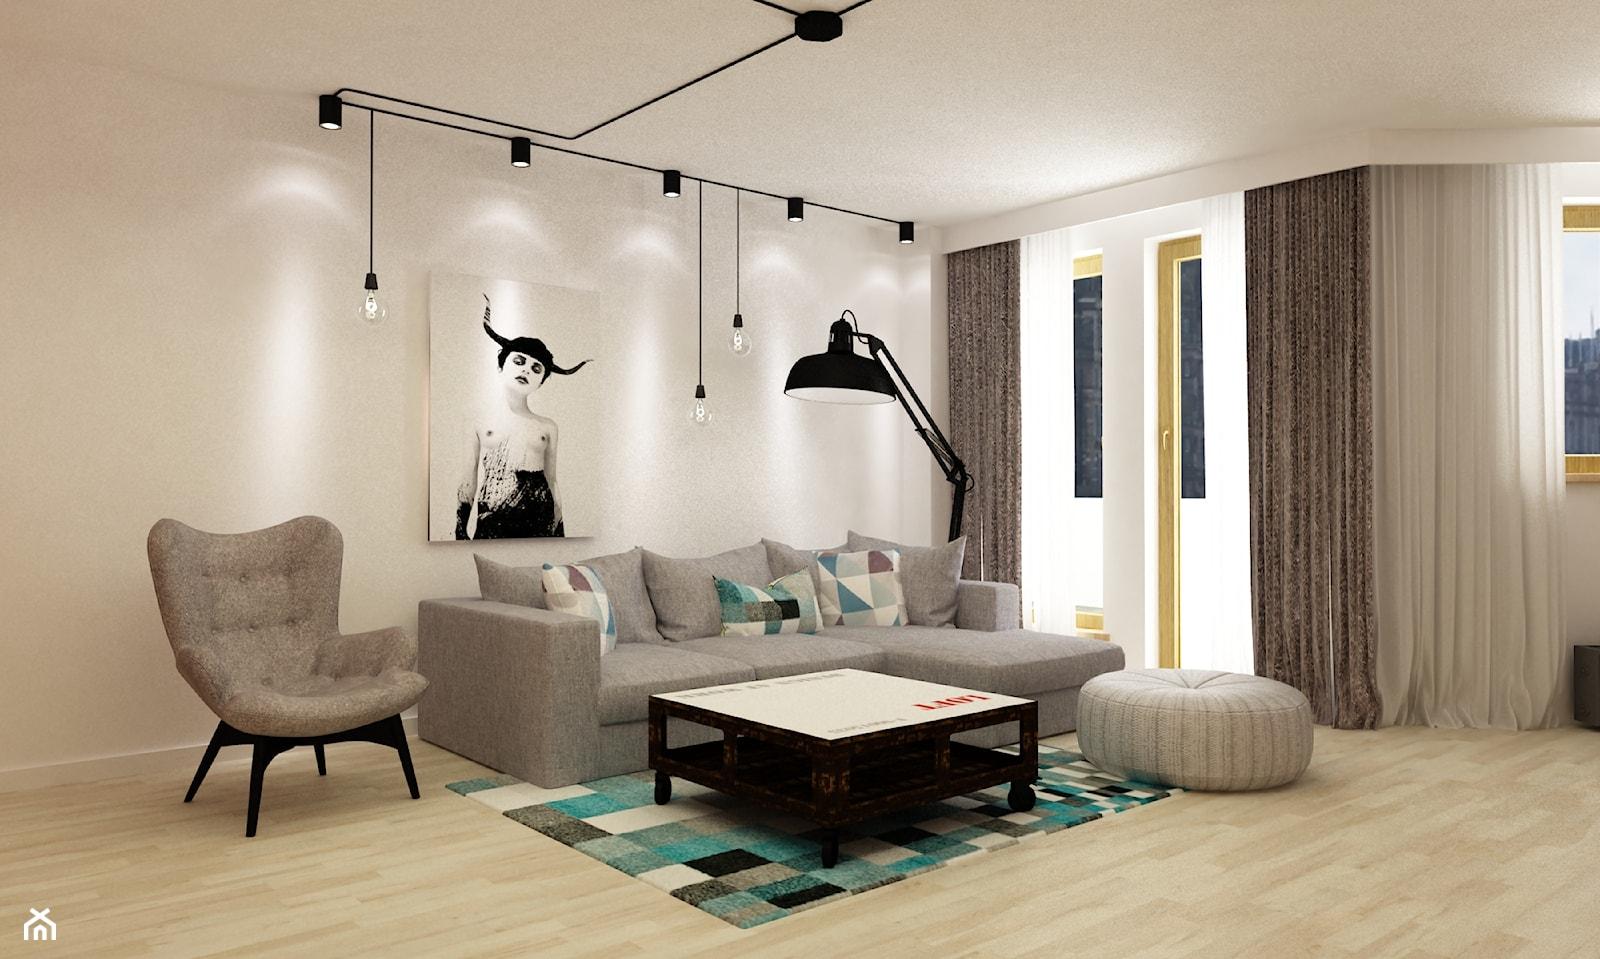 Apartament w Warszawie 90 m2 starzona cegła styl industrialny loft - Duży biały salon z tarasem / balkonem, styl skandynawski - zdjęcie od Grafika i Projekt architektura wnętrz - Homebook